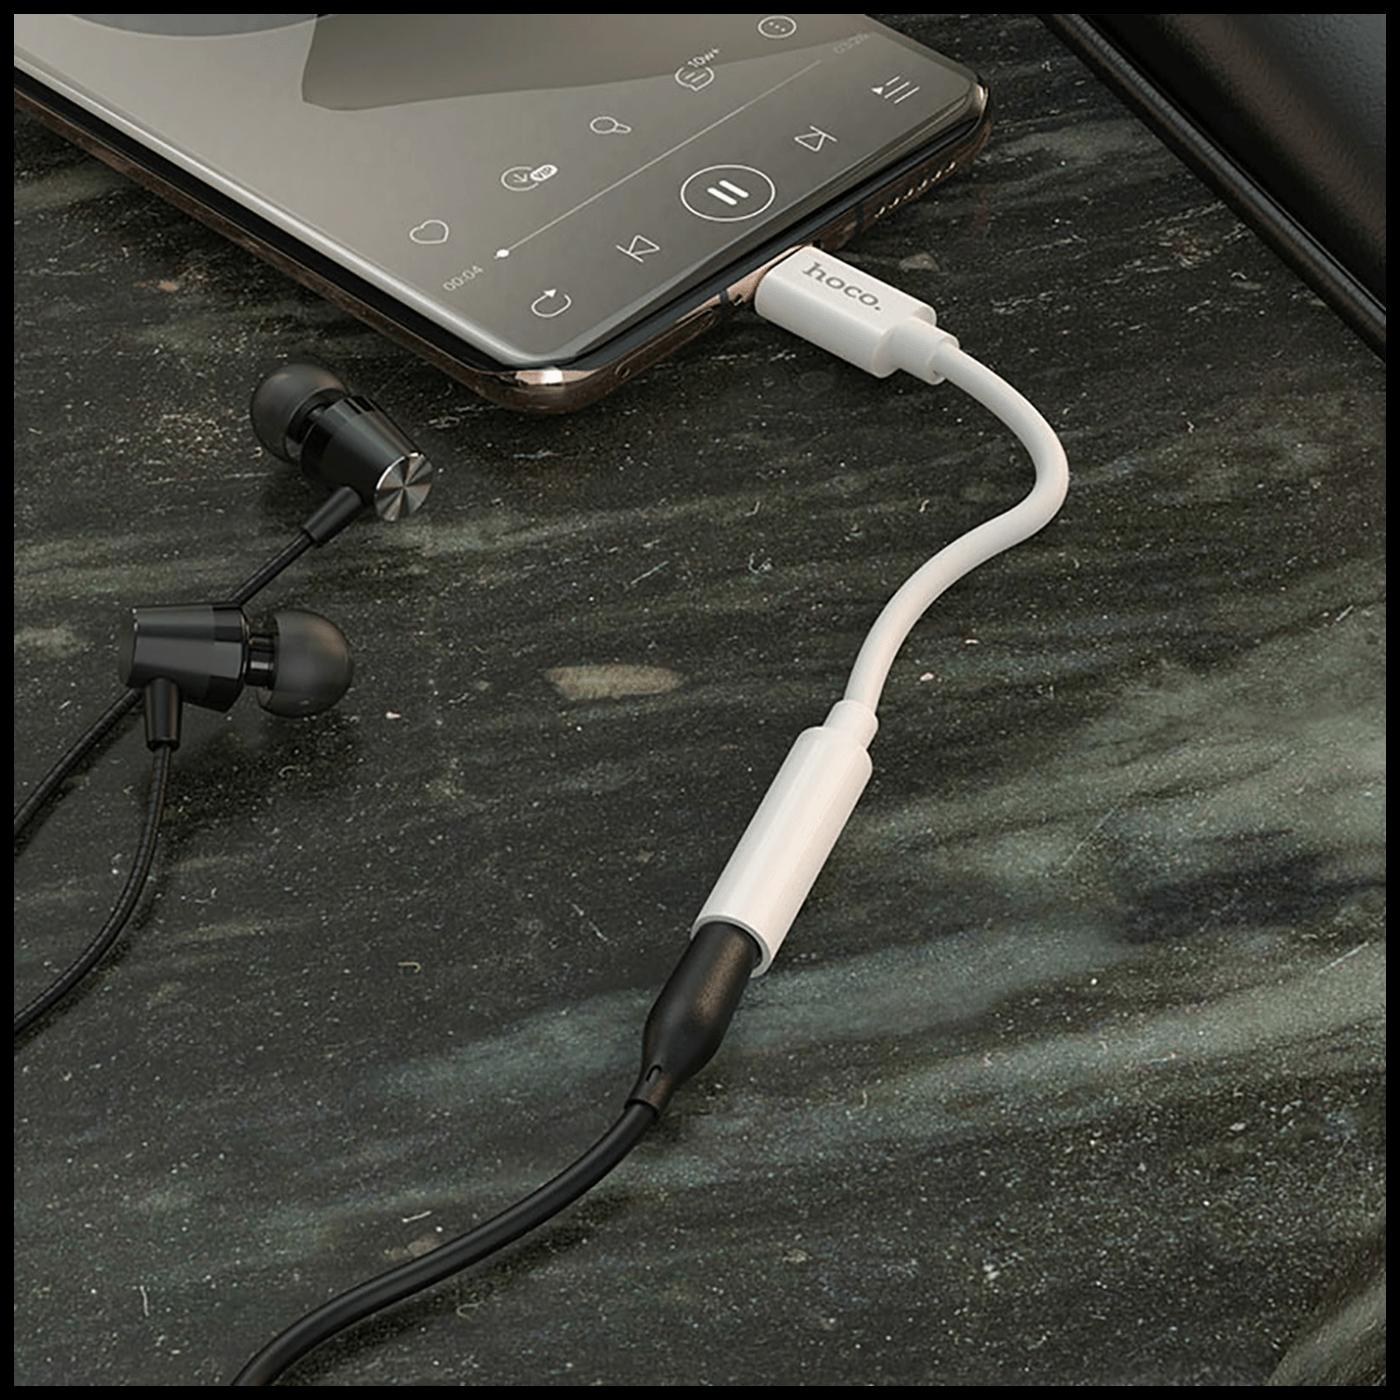 Adapter za slušalice, USB type C na 3.5 mm